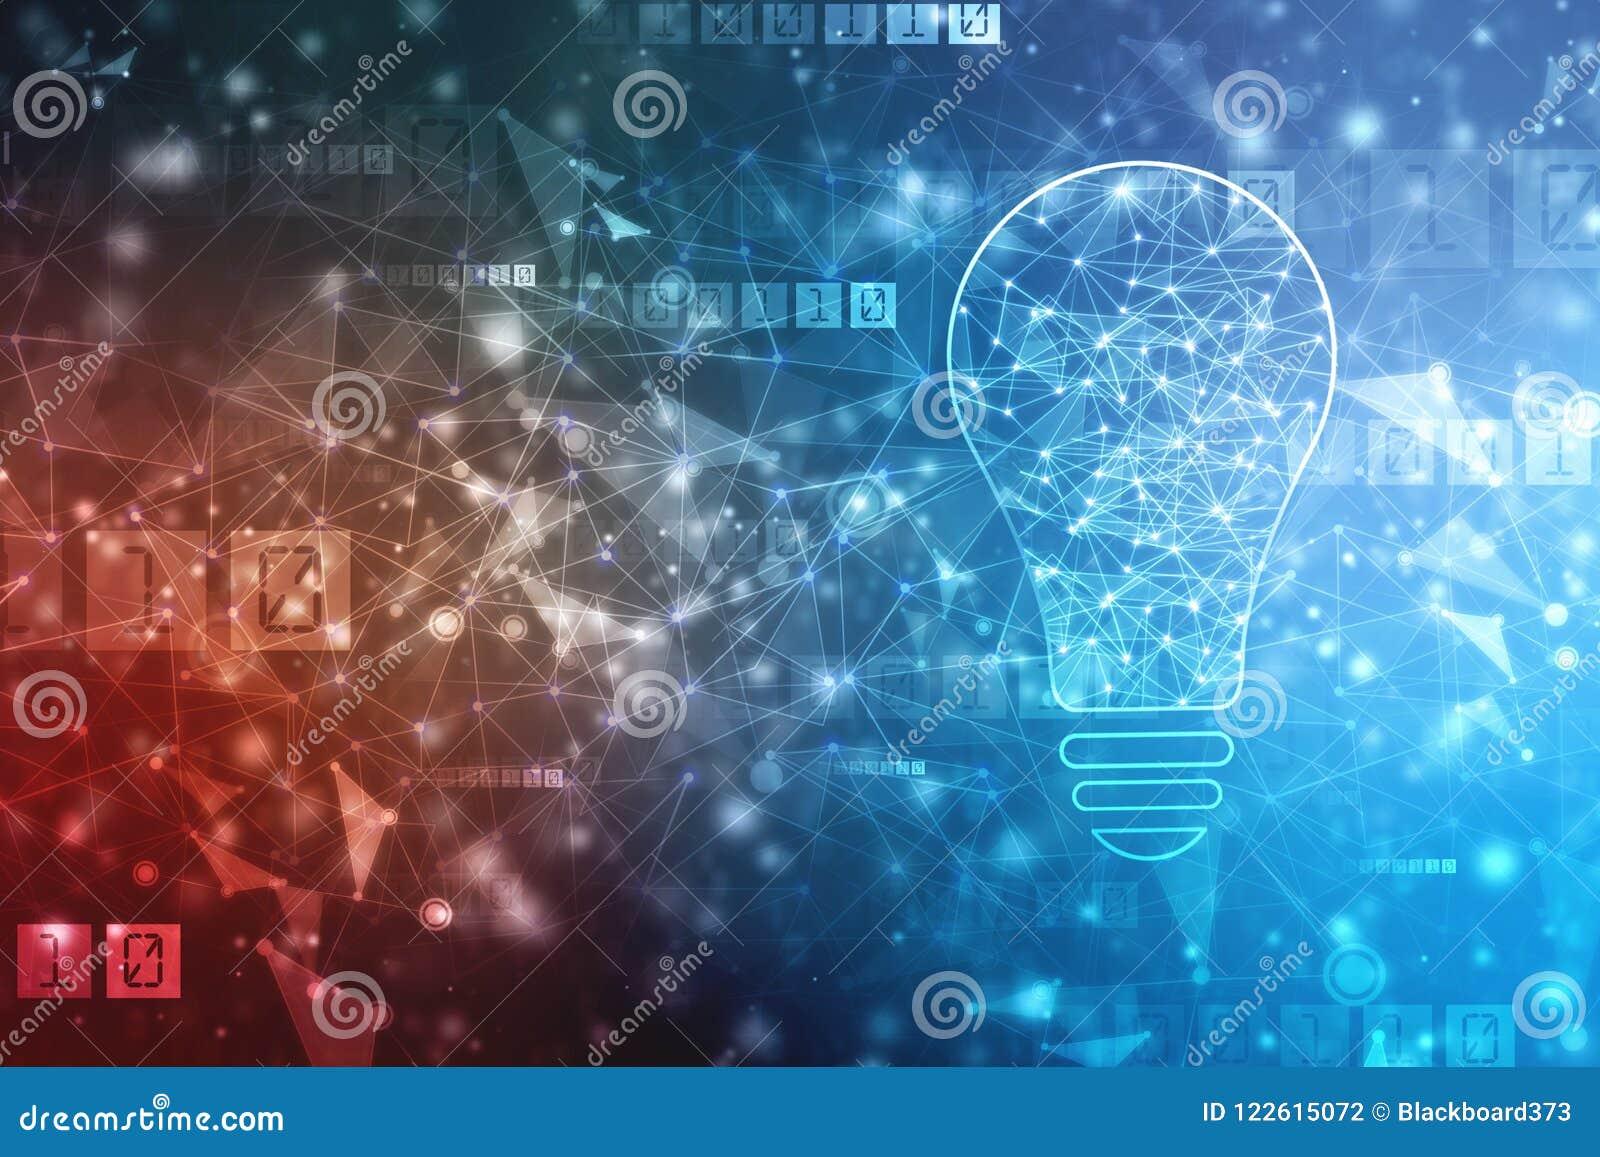 Предпосылка искусственного интеллекта, предпосылка нововведения